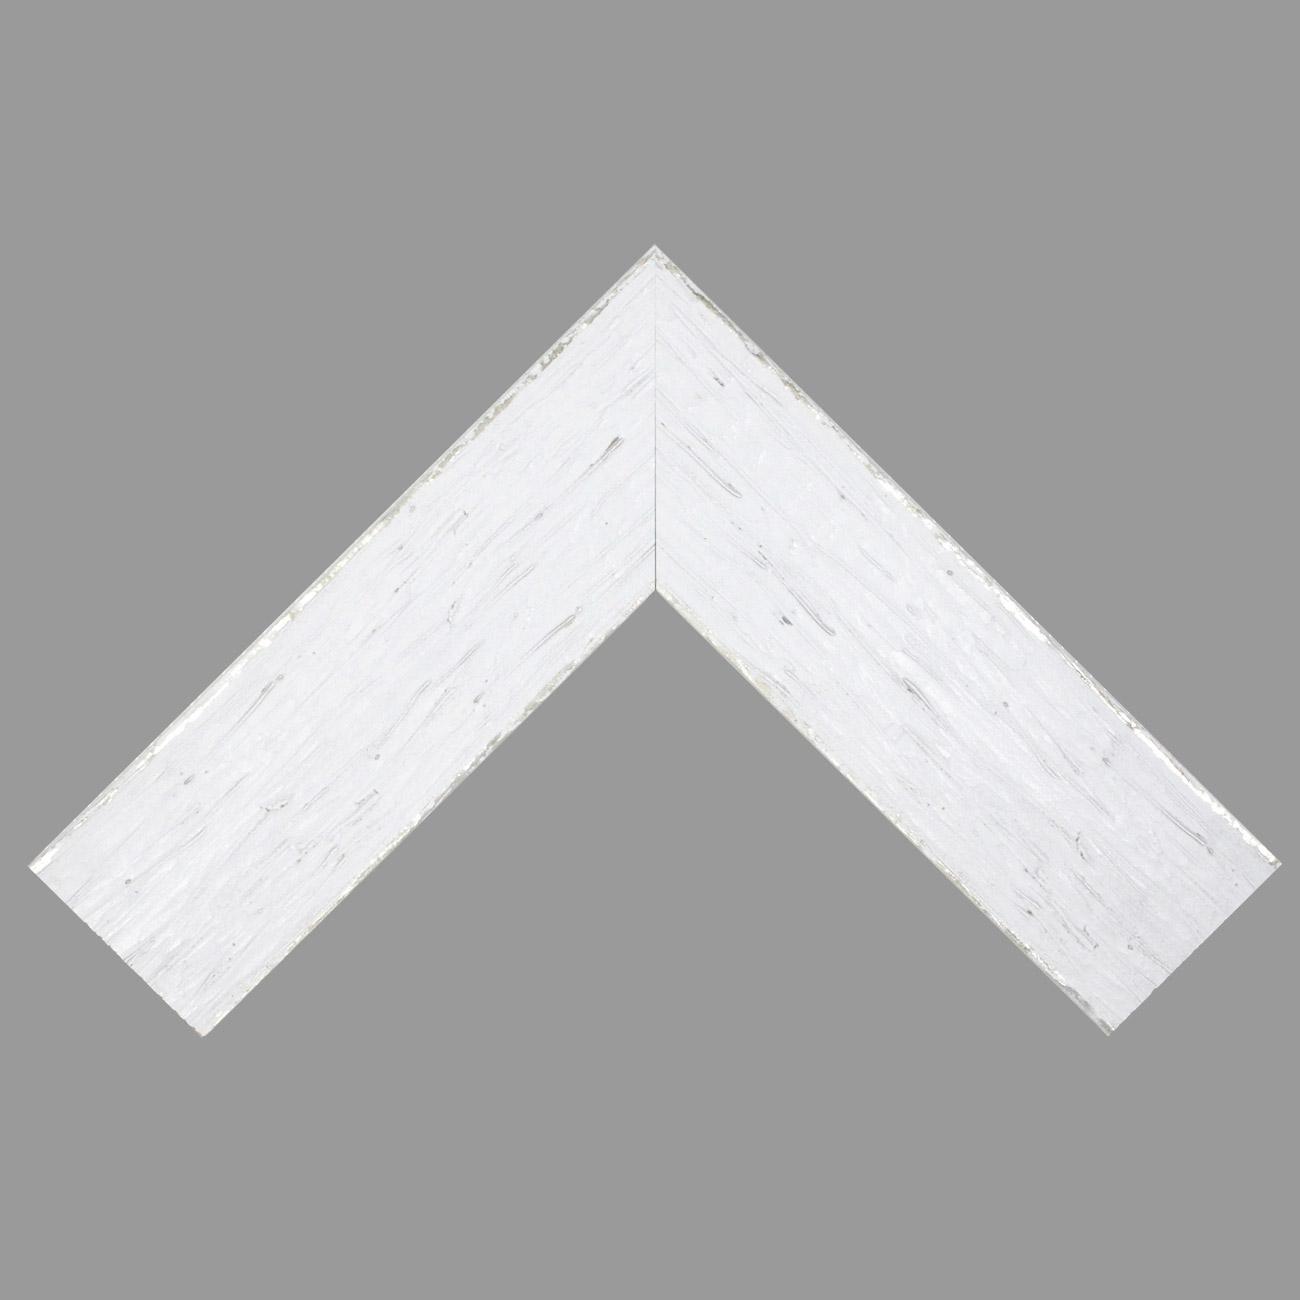 Baguette bois profil plat largeur 9.6cm couleur blanc filet argent chaud sur les bords antique